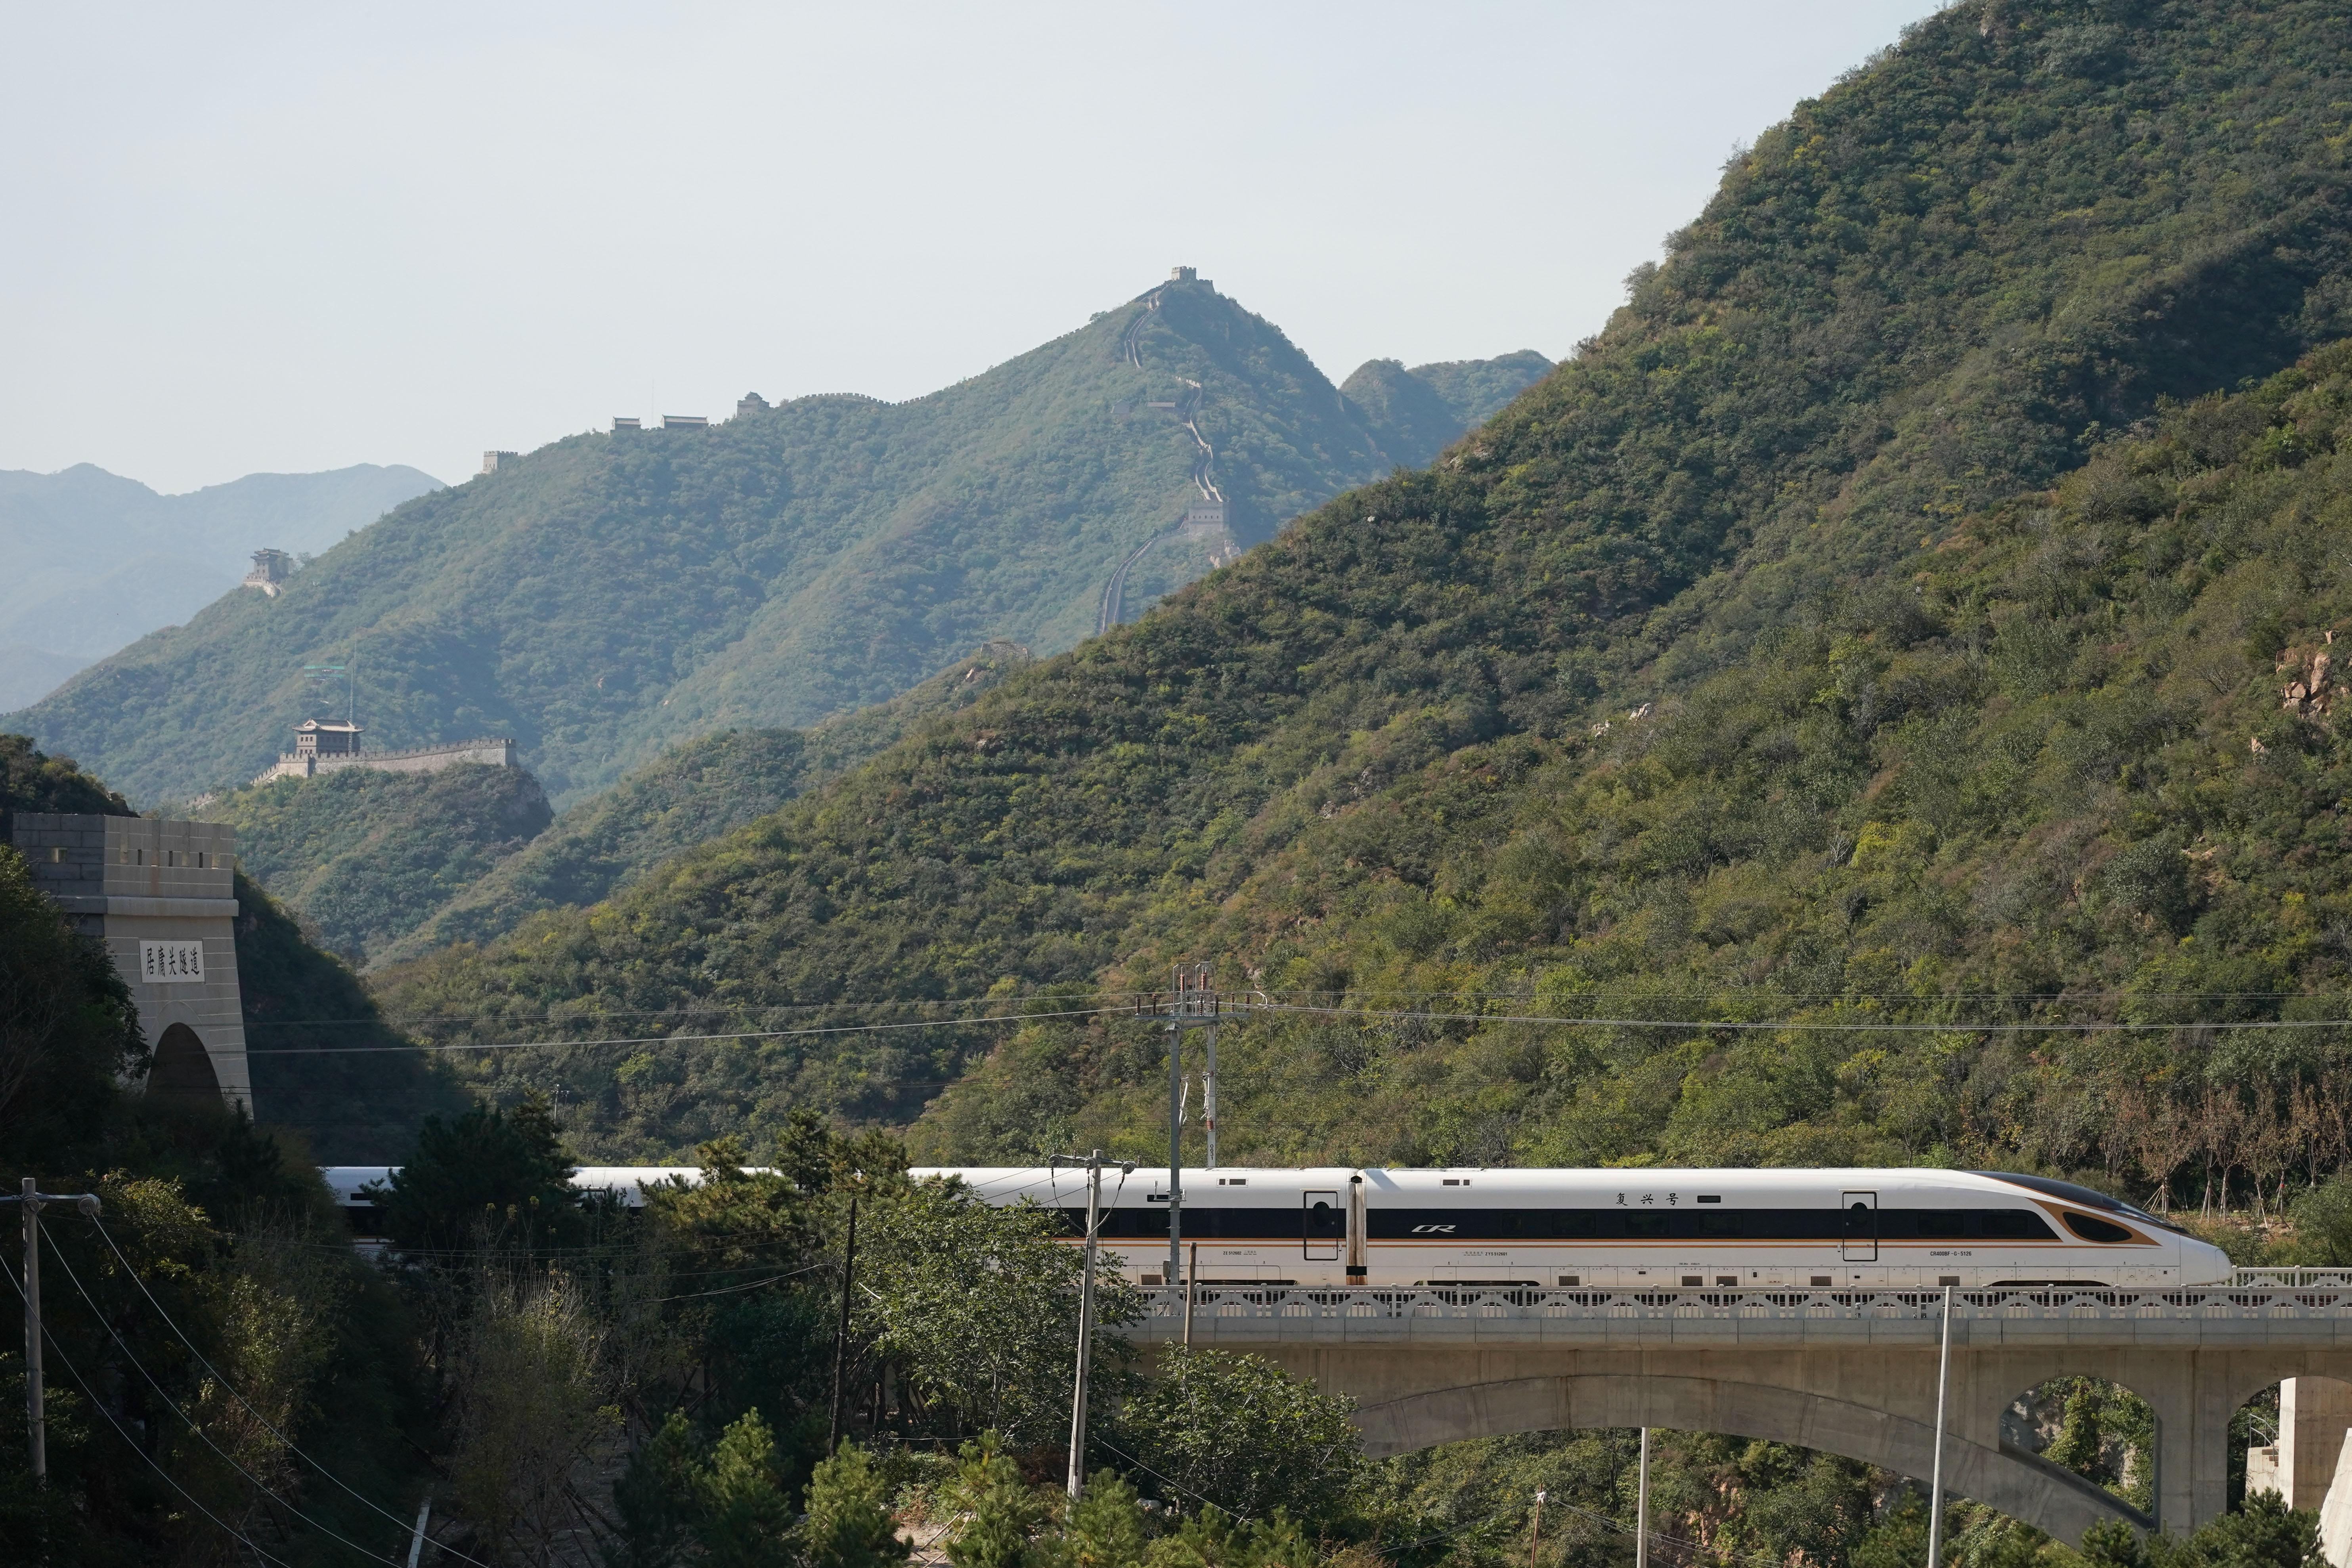 一列復興號高鐵列車從京張高鐵駛過居庸關長城(10月6日攝)。 (新華社)